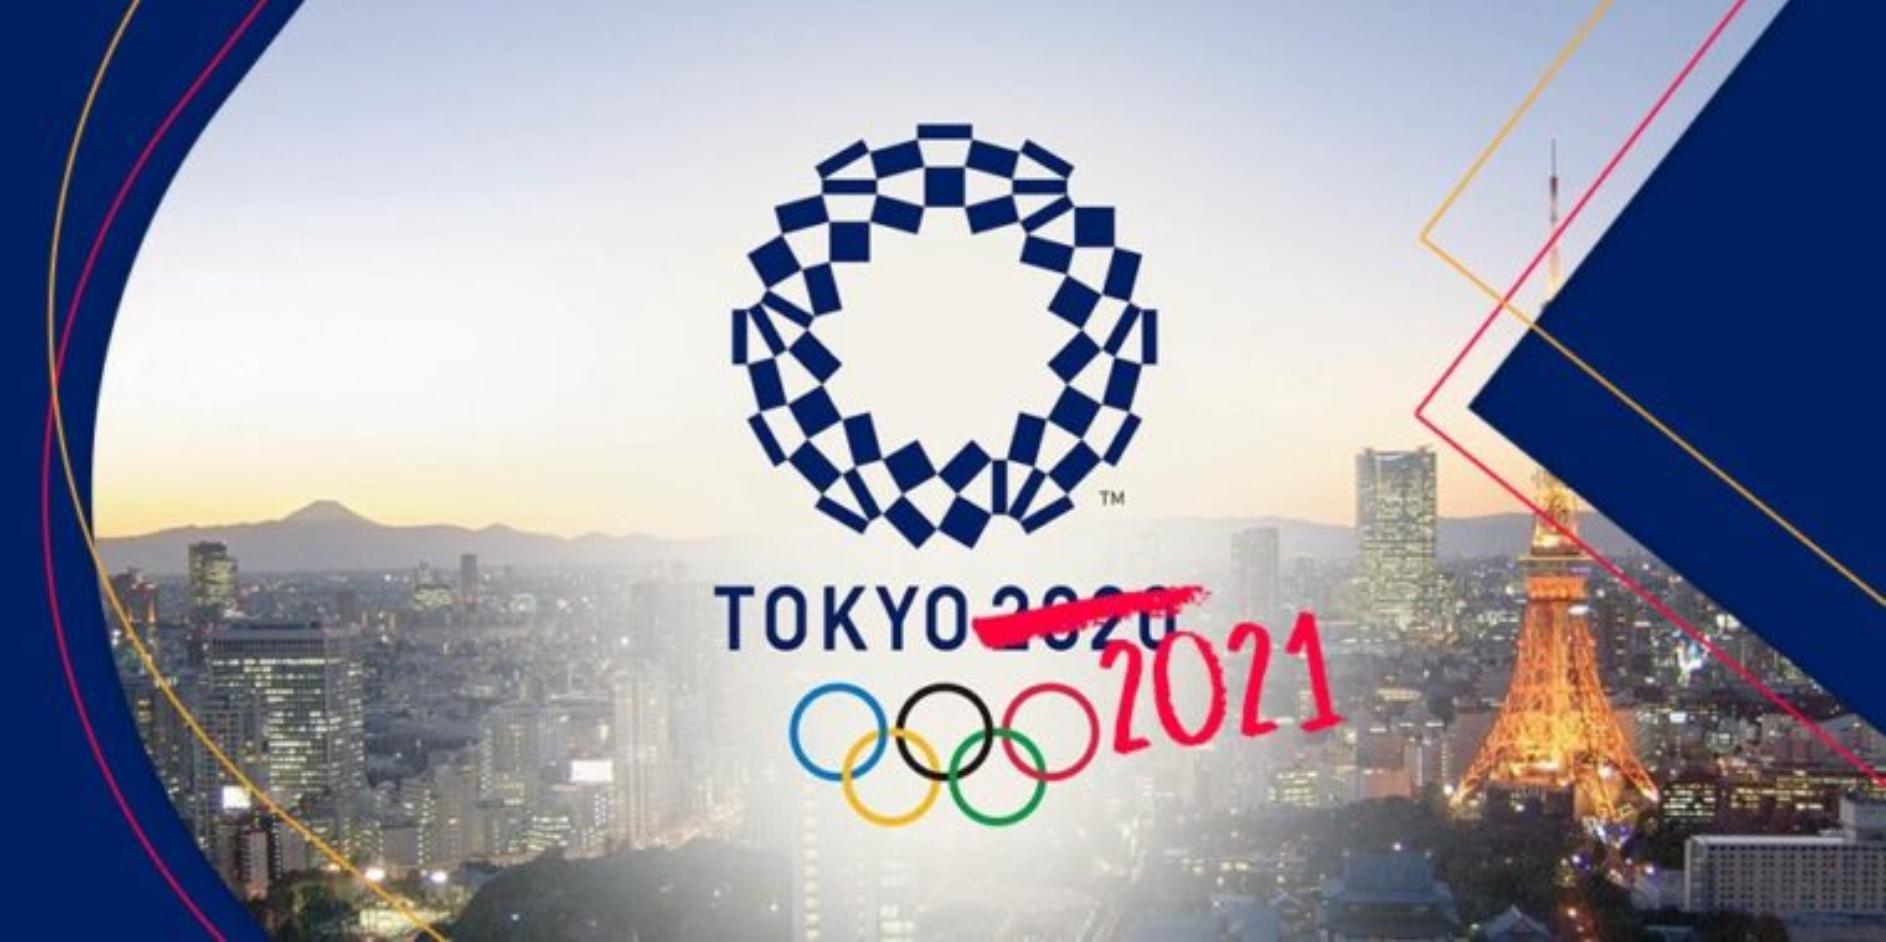 Re/seguradoras estão entre as maiores perdas caso Japão precise cancelar Jogos Olímpicos